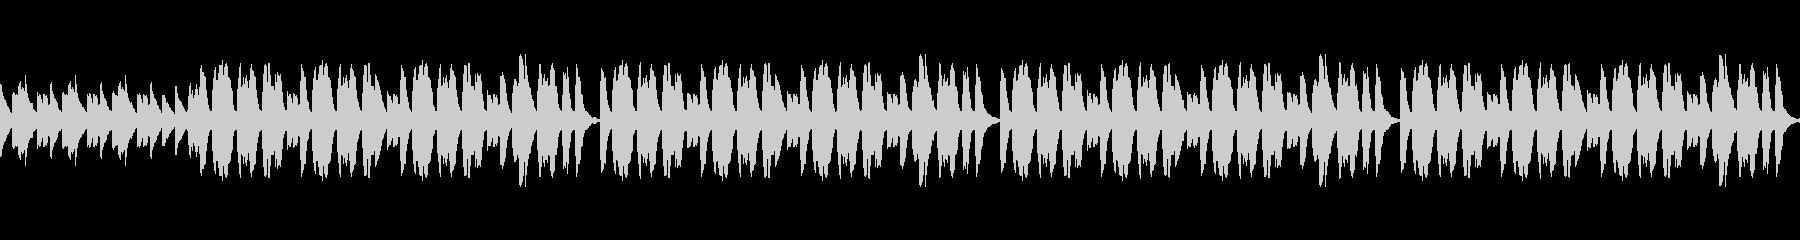 子供向け番組のほのぼのBGM ループの未再生の波形